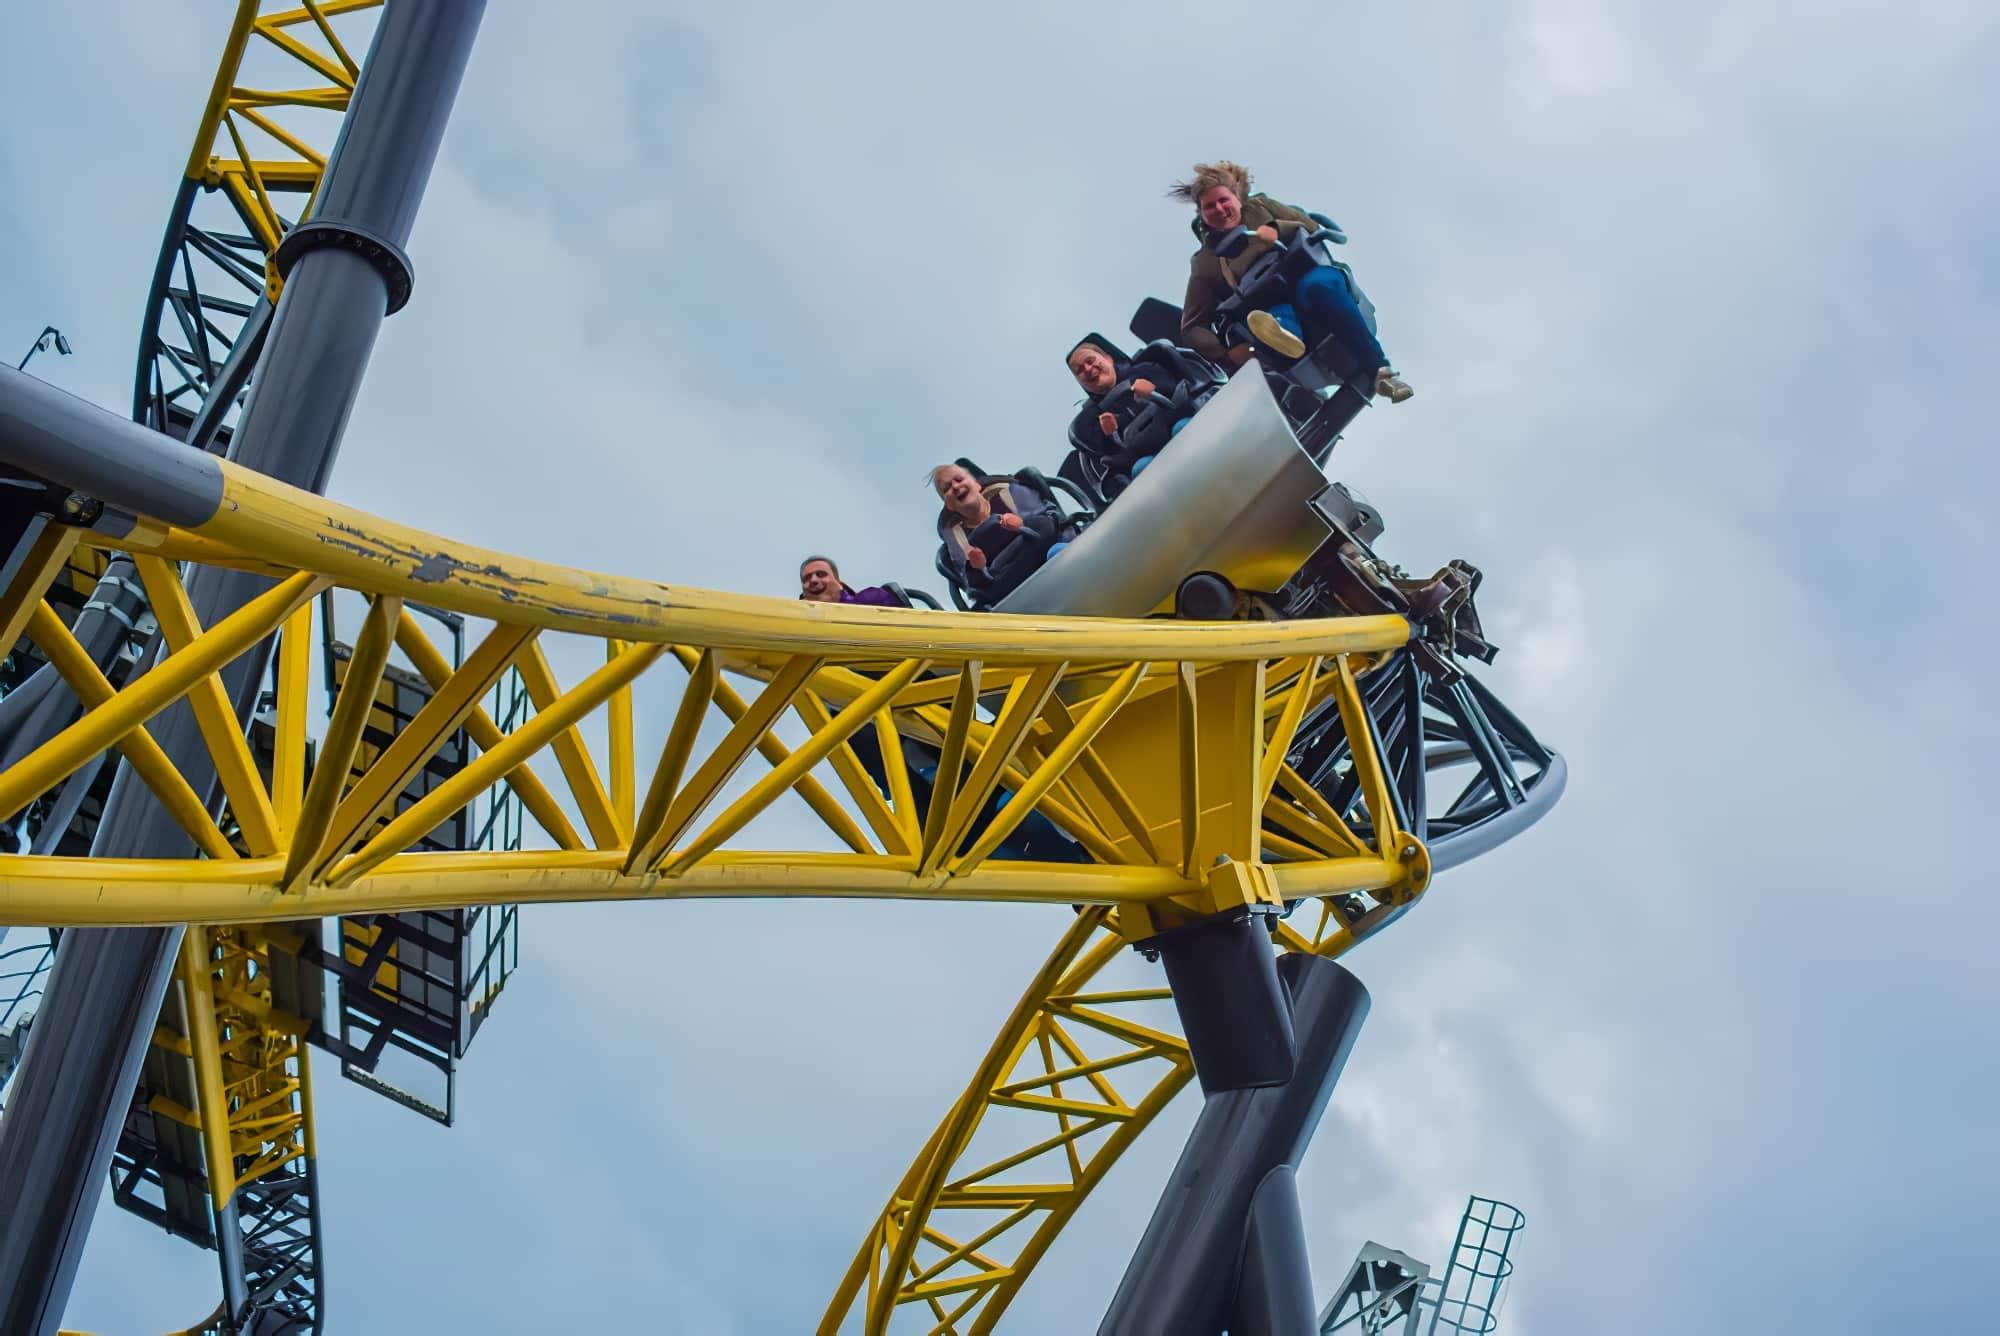 Walibi Rollercoaster